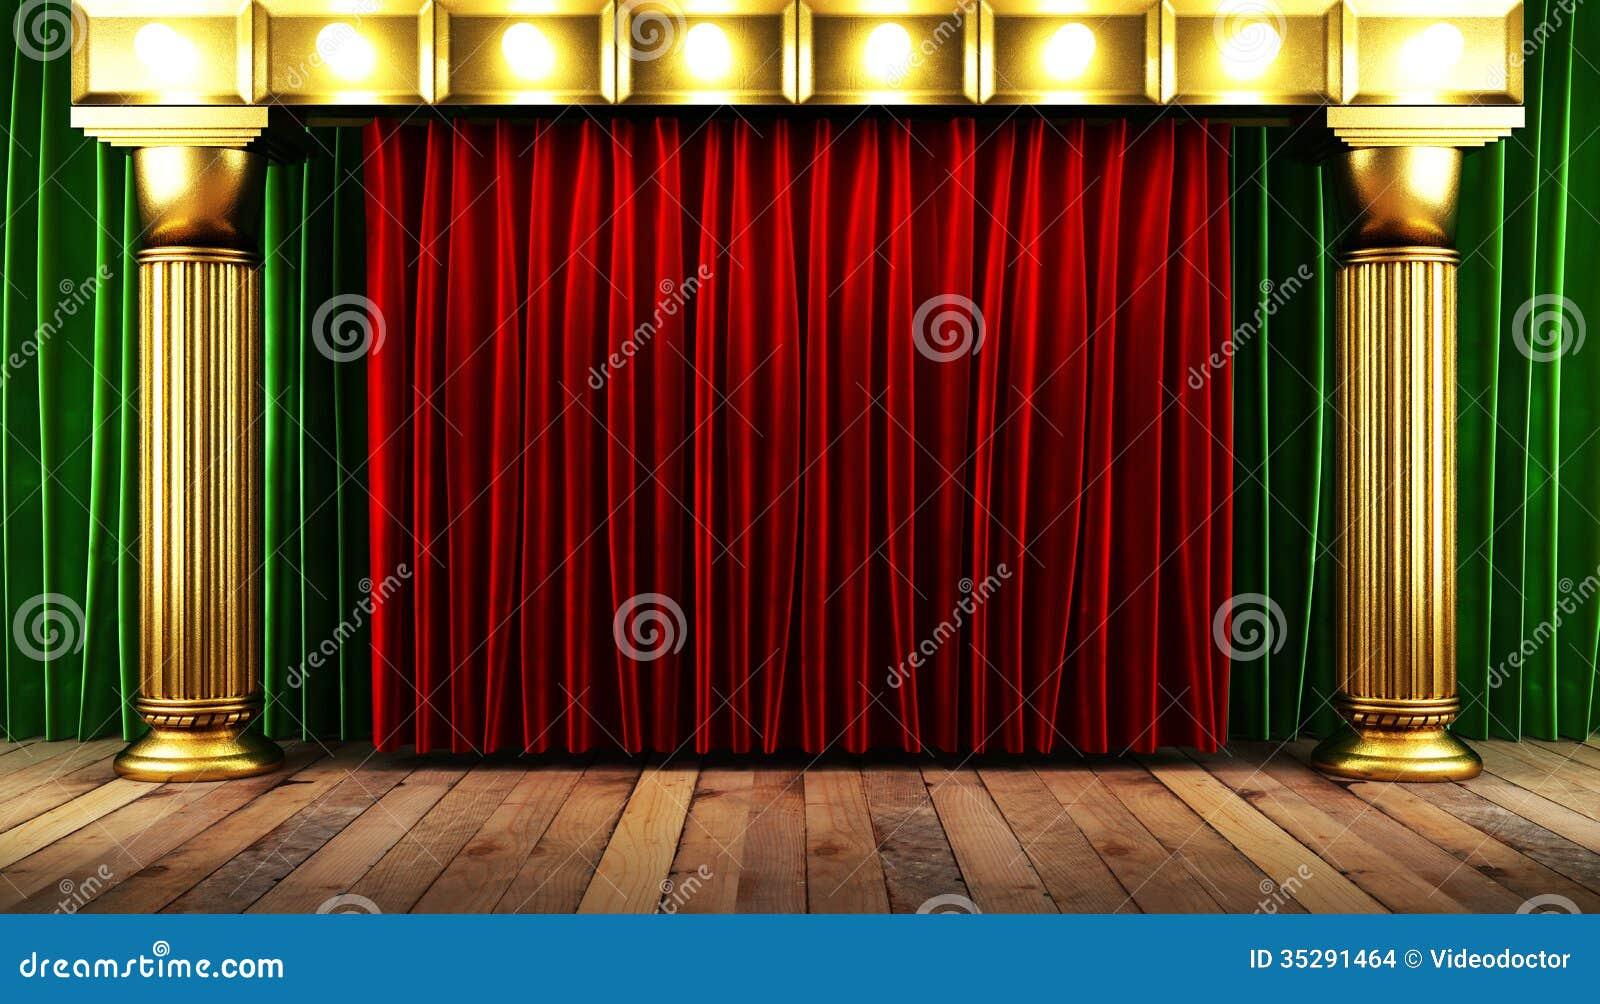 roter fabrick vorhang mit gold stockbilder bild 35291464. Black Bedroom Furniture Sets. Home Design Ideas